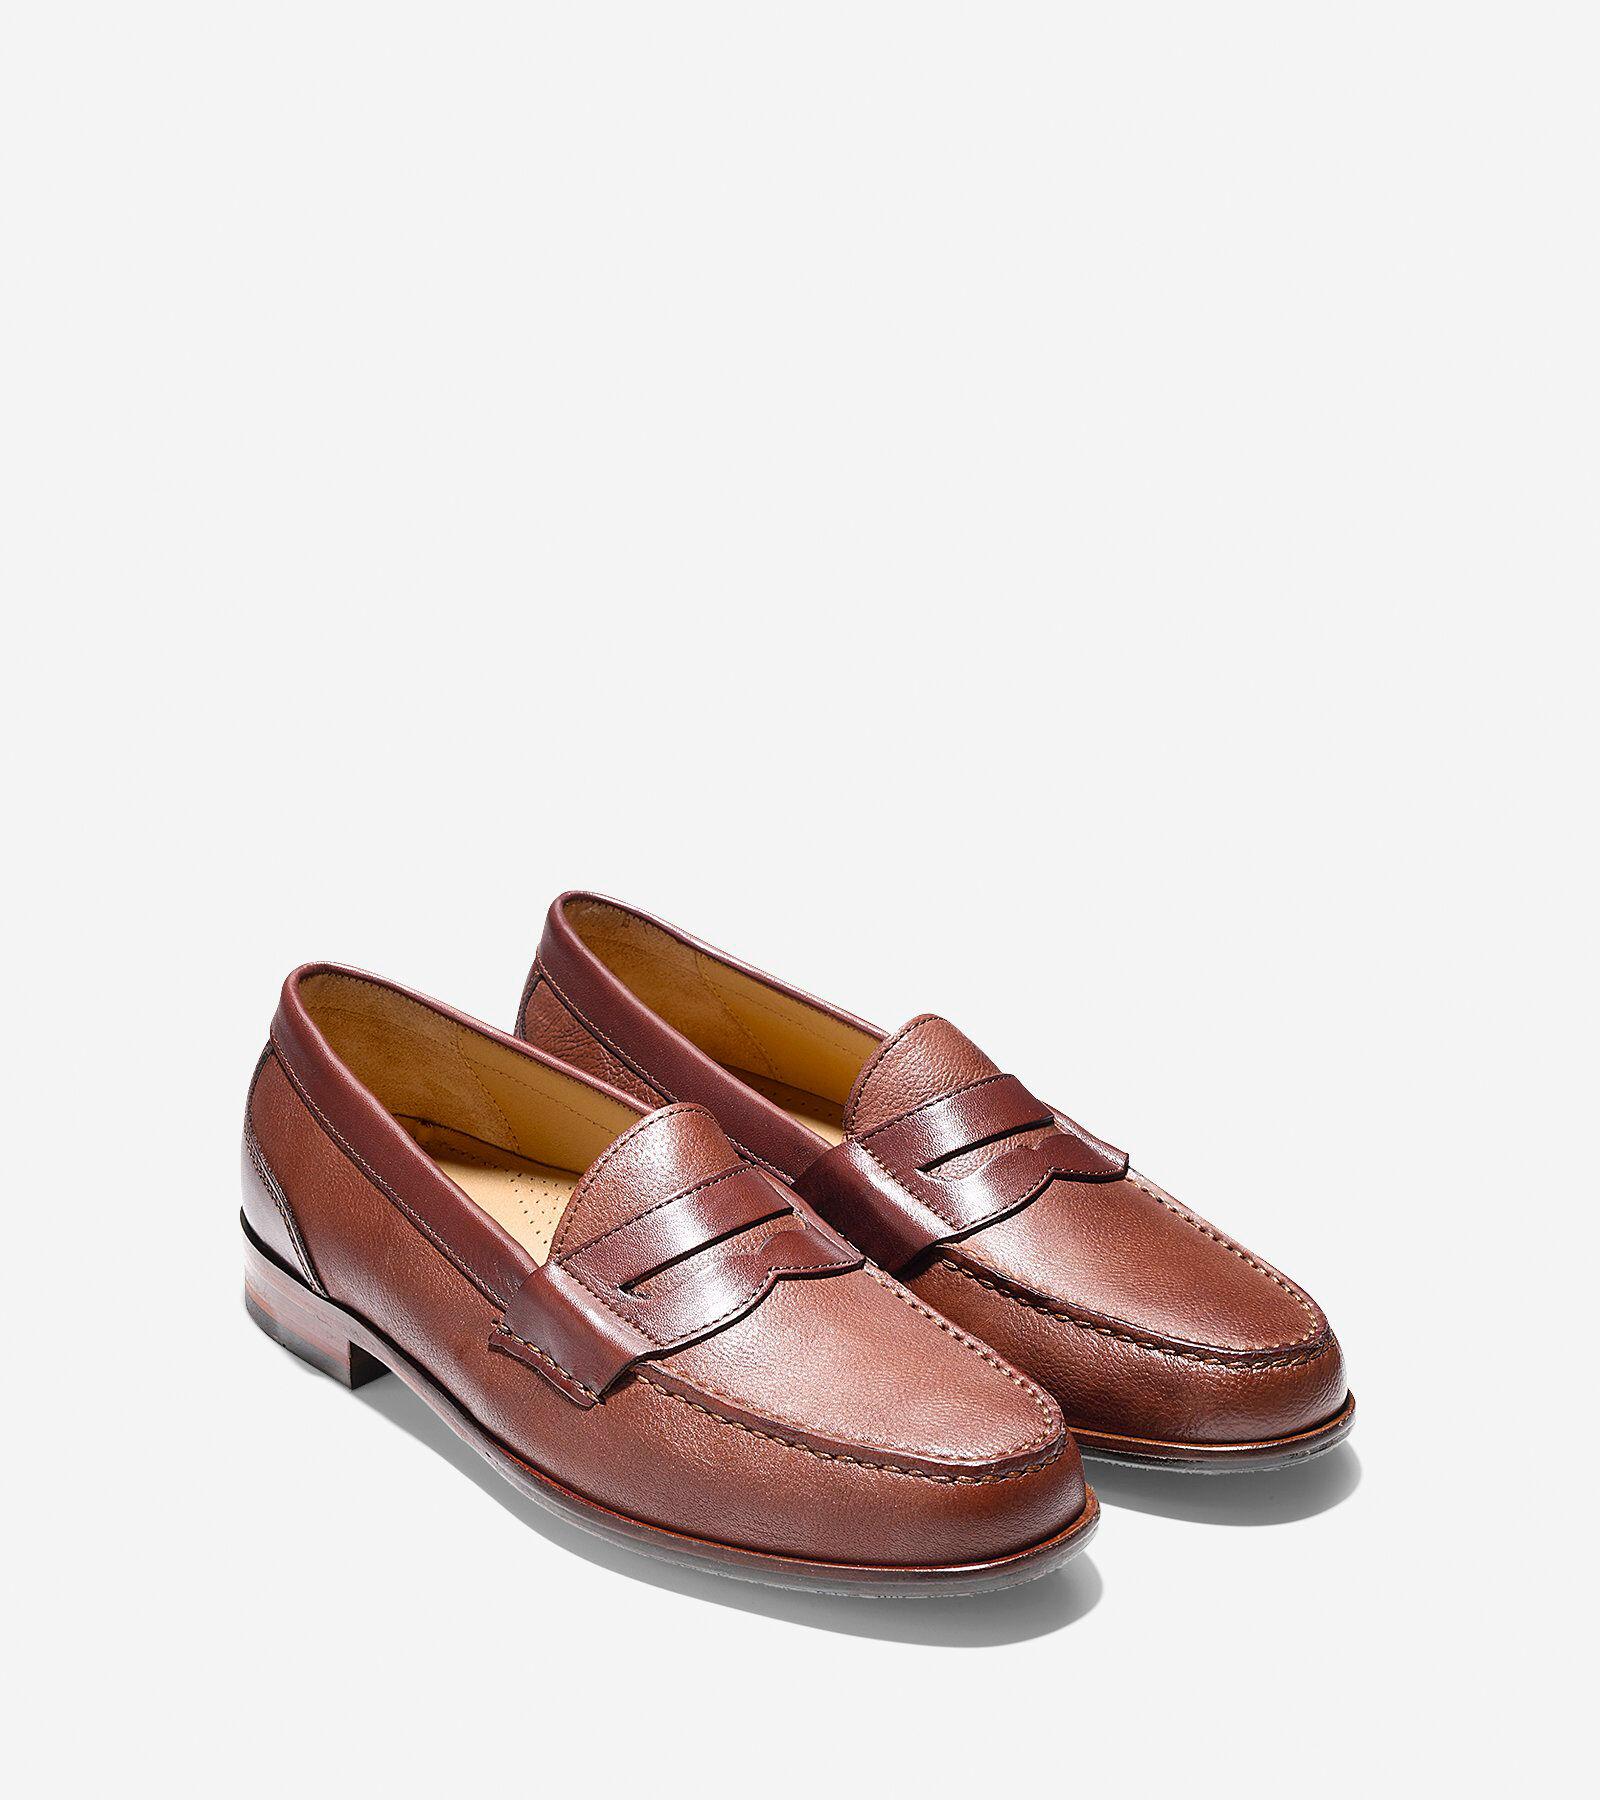 Top Design Men Cole Haan Fairmont Loafer Tan - F4D571492